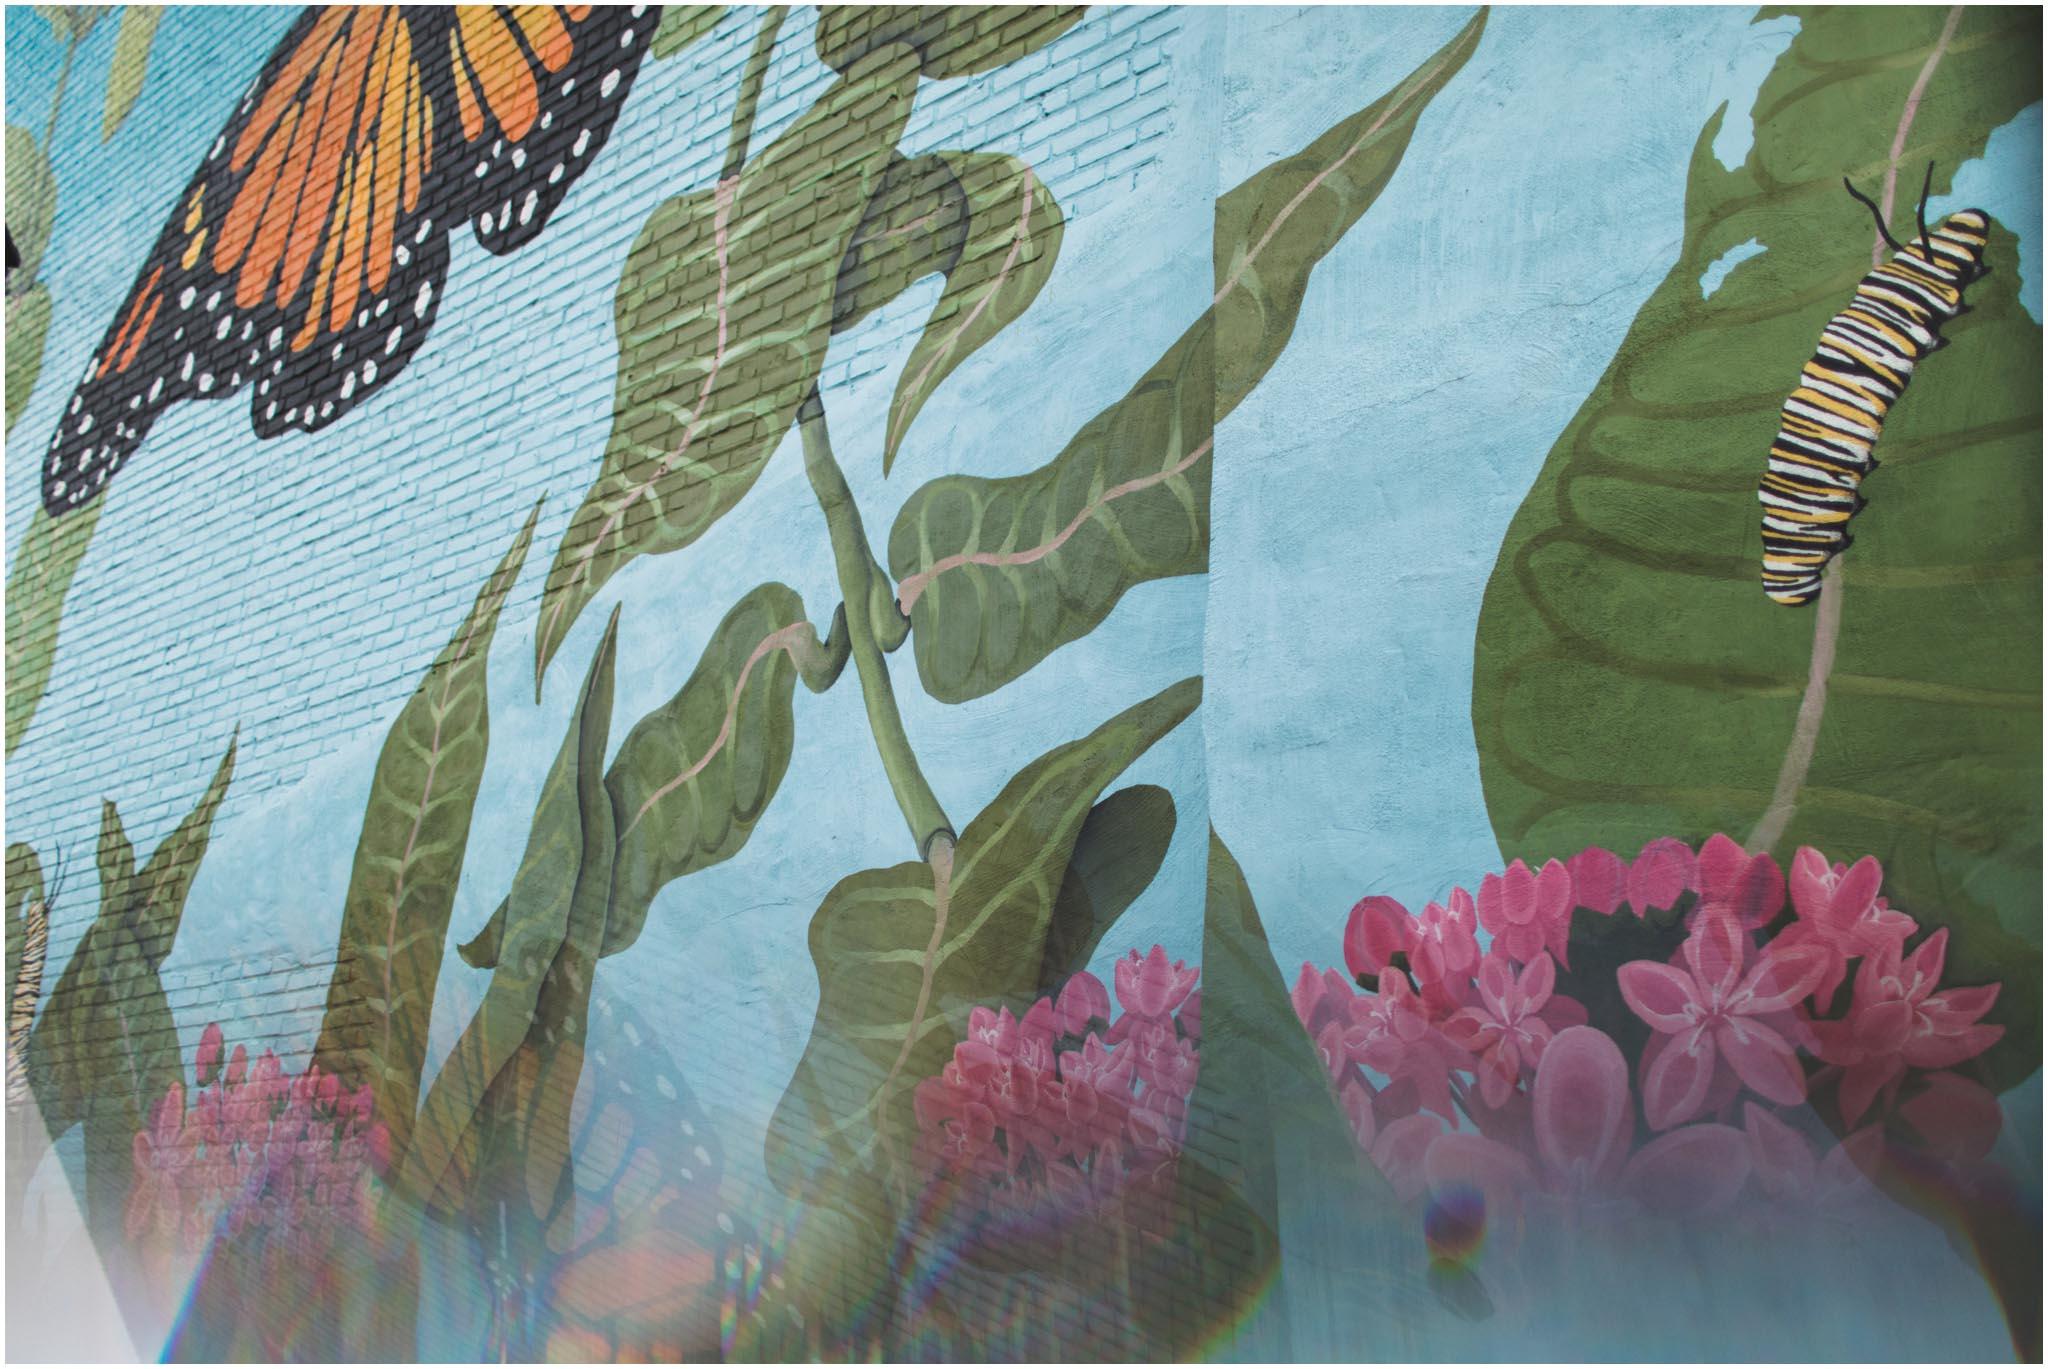 Insectarium, Philadelphia, engagement